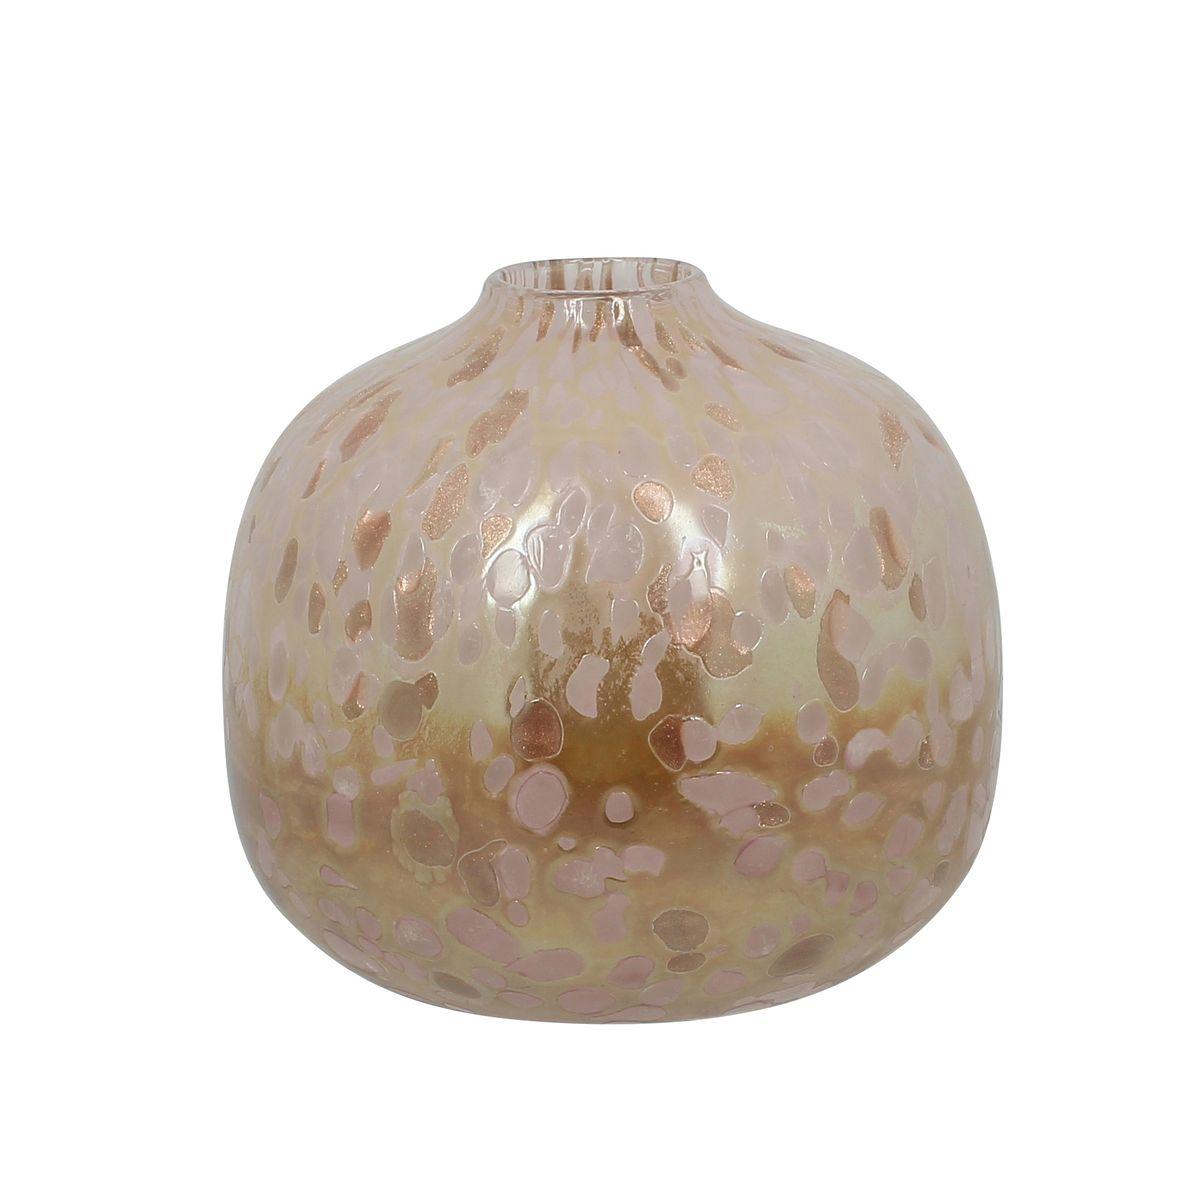 Vase boule en verre soufflé rose et cuivré